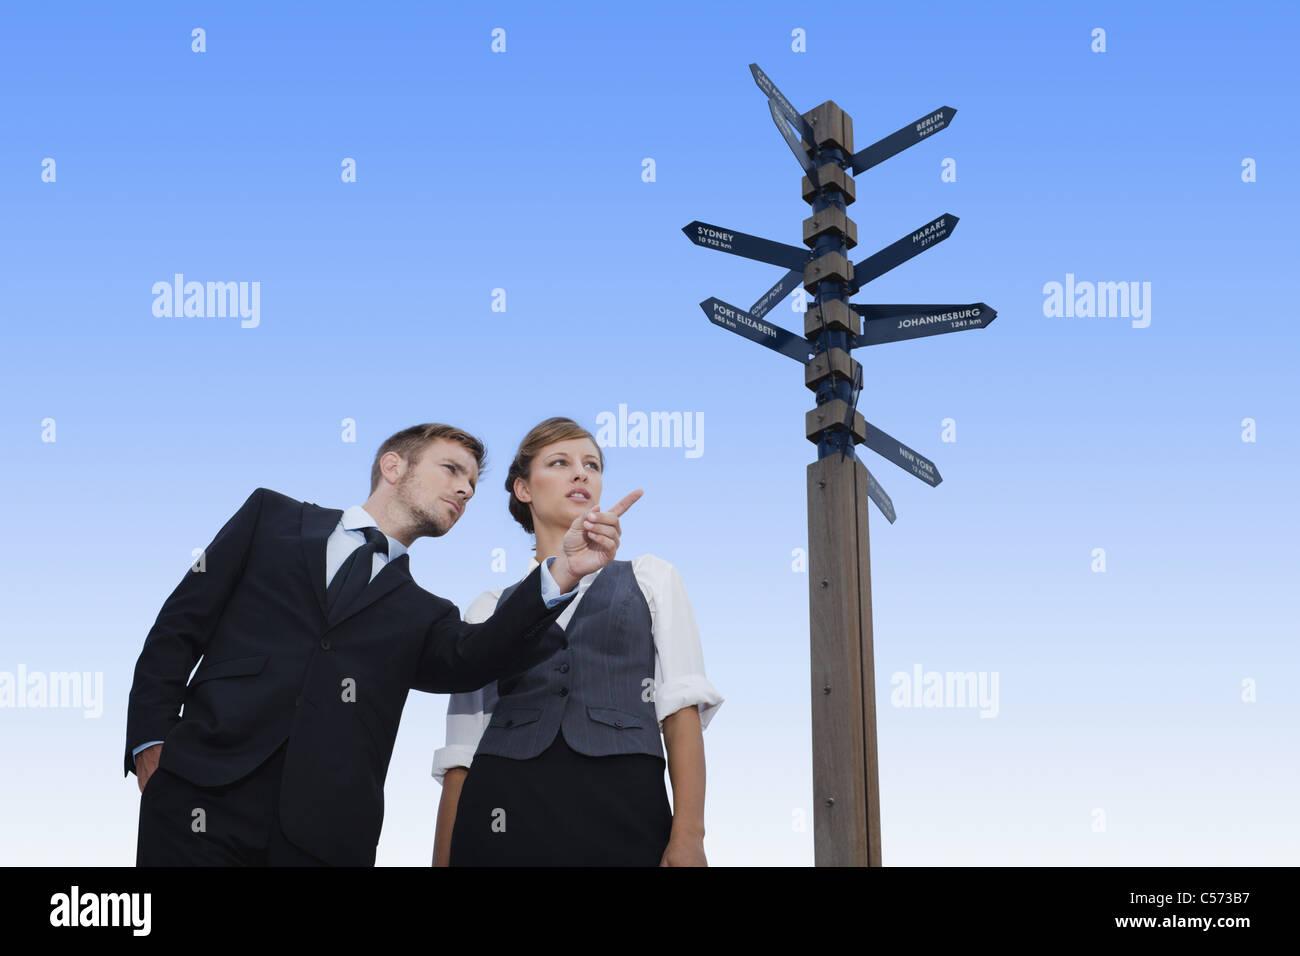 Les gens d'affaires à la croisée des chemins Photo Stock